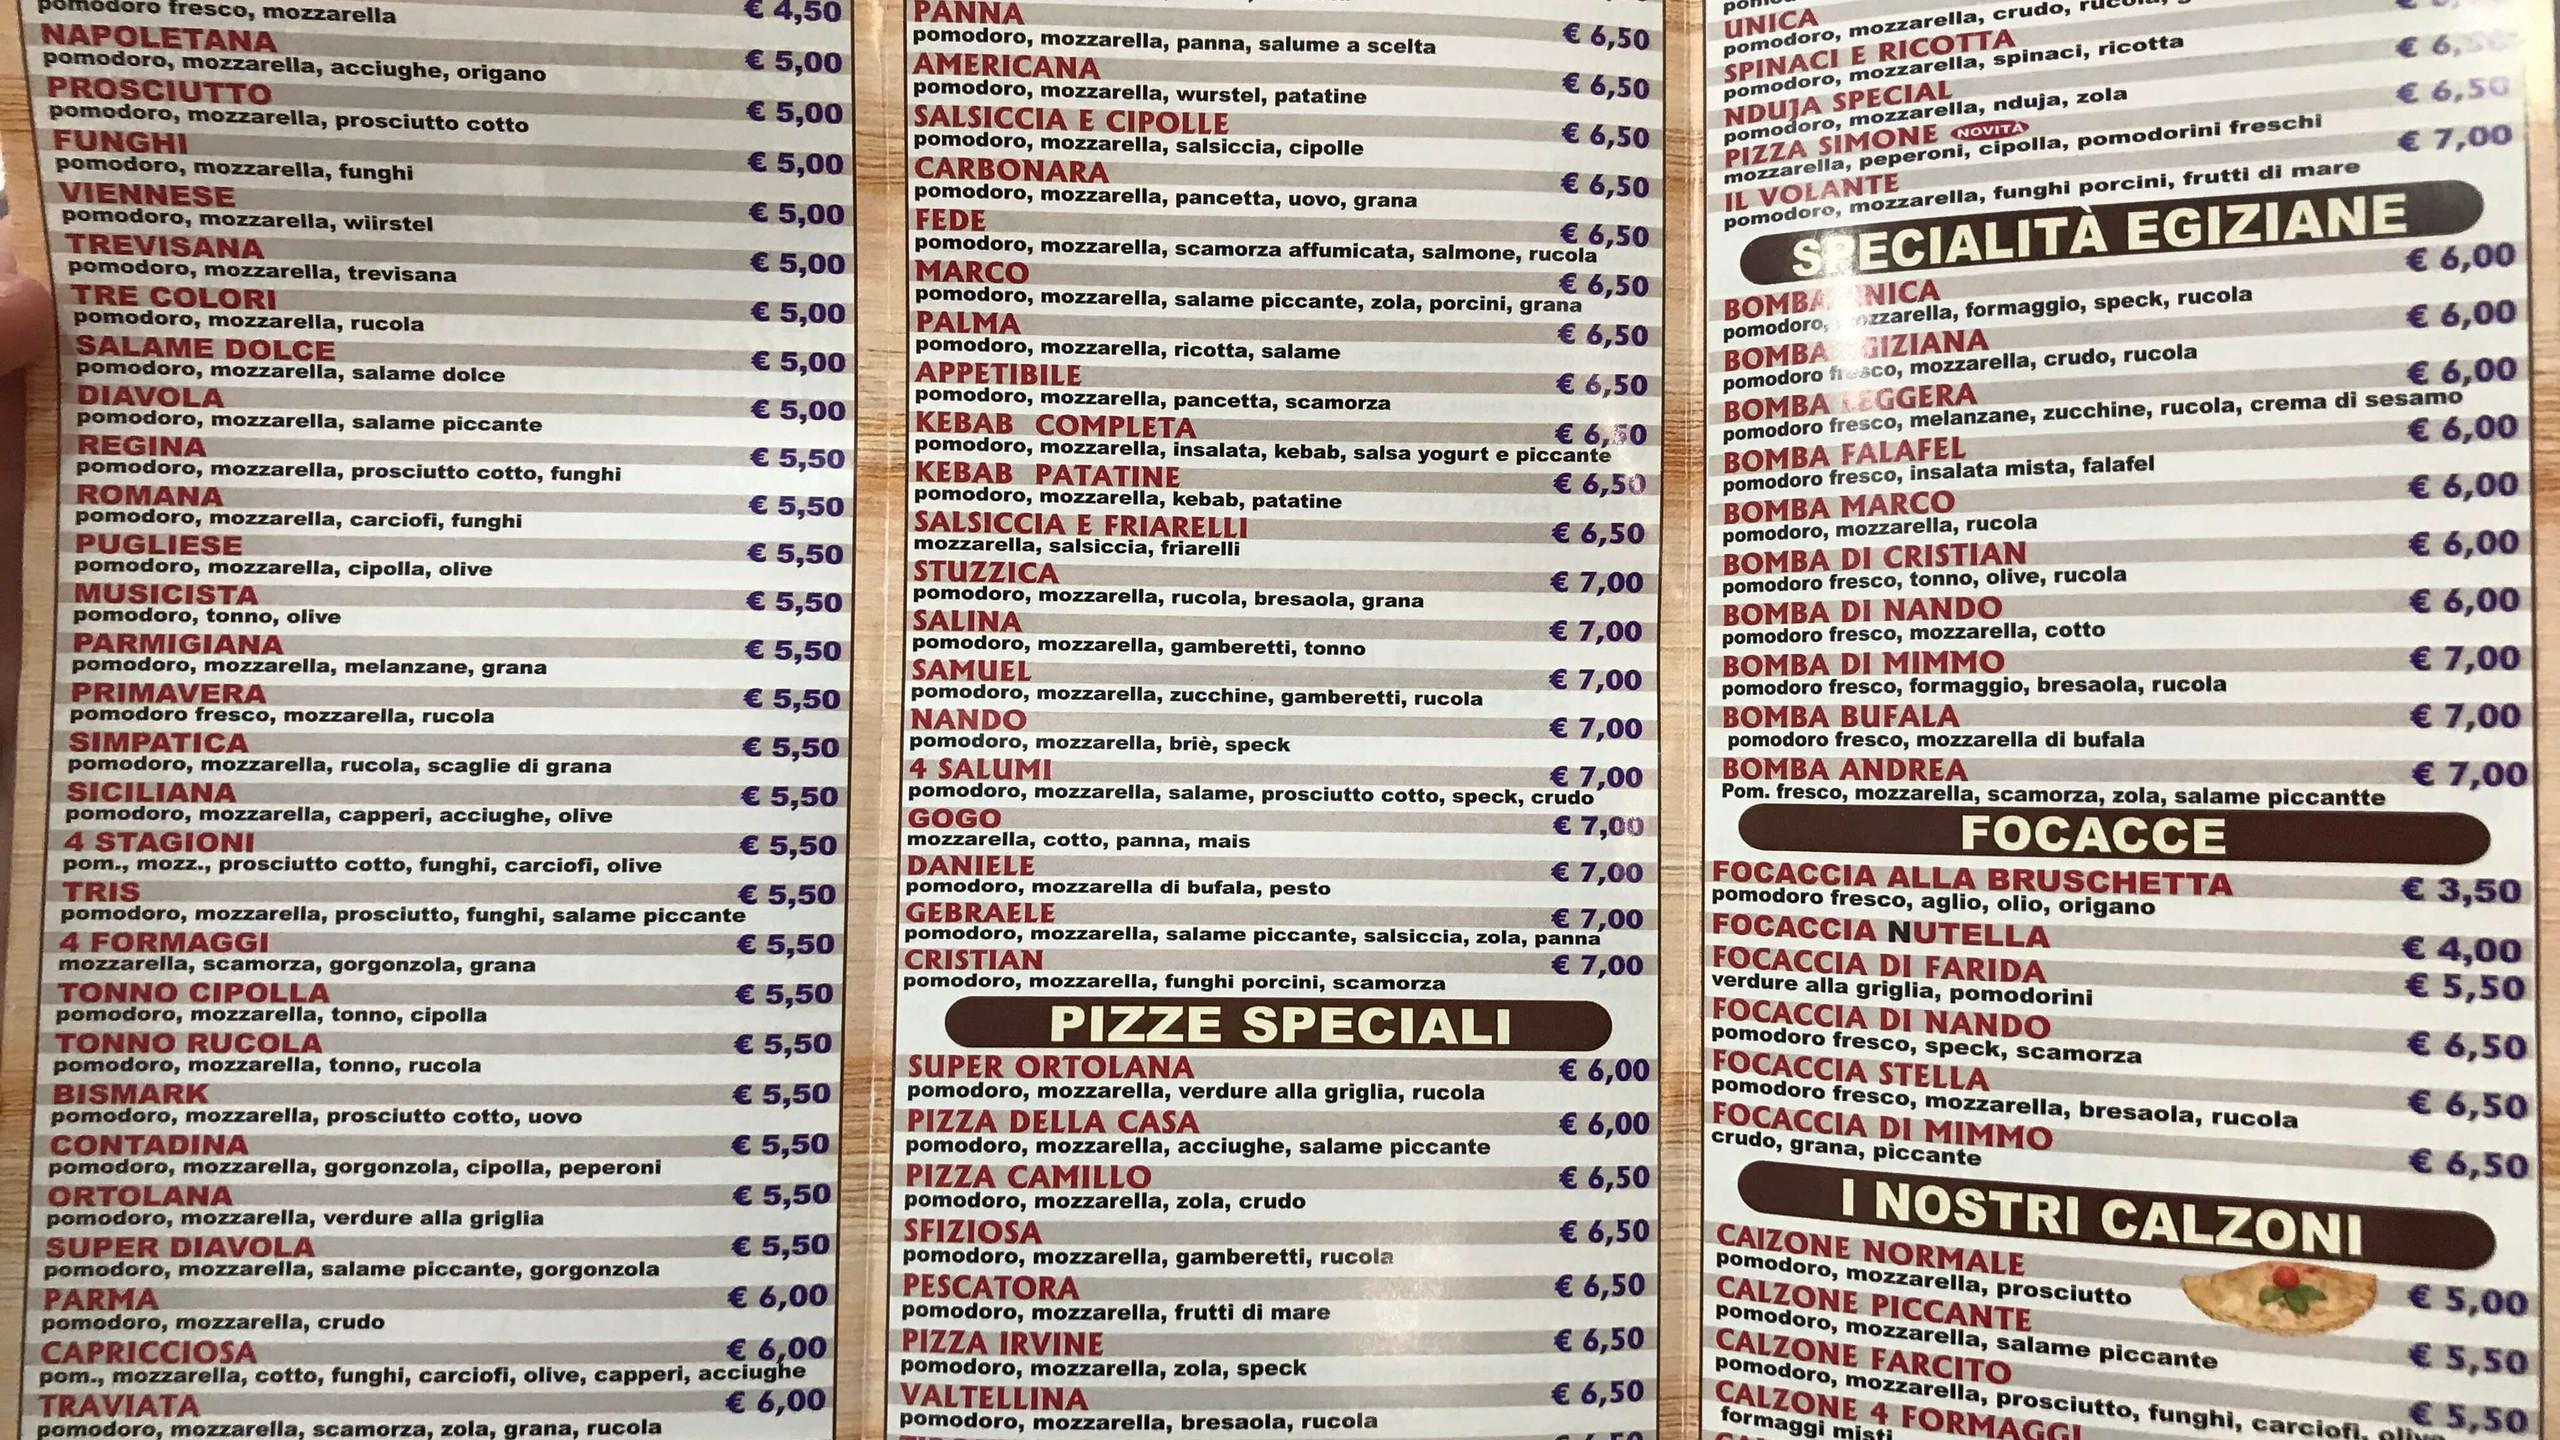 Pizzeria Da mimmo 3 menu